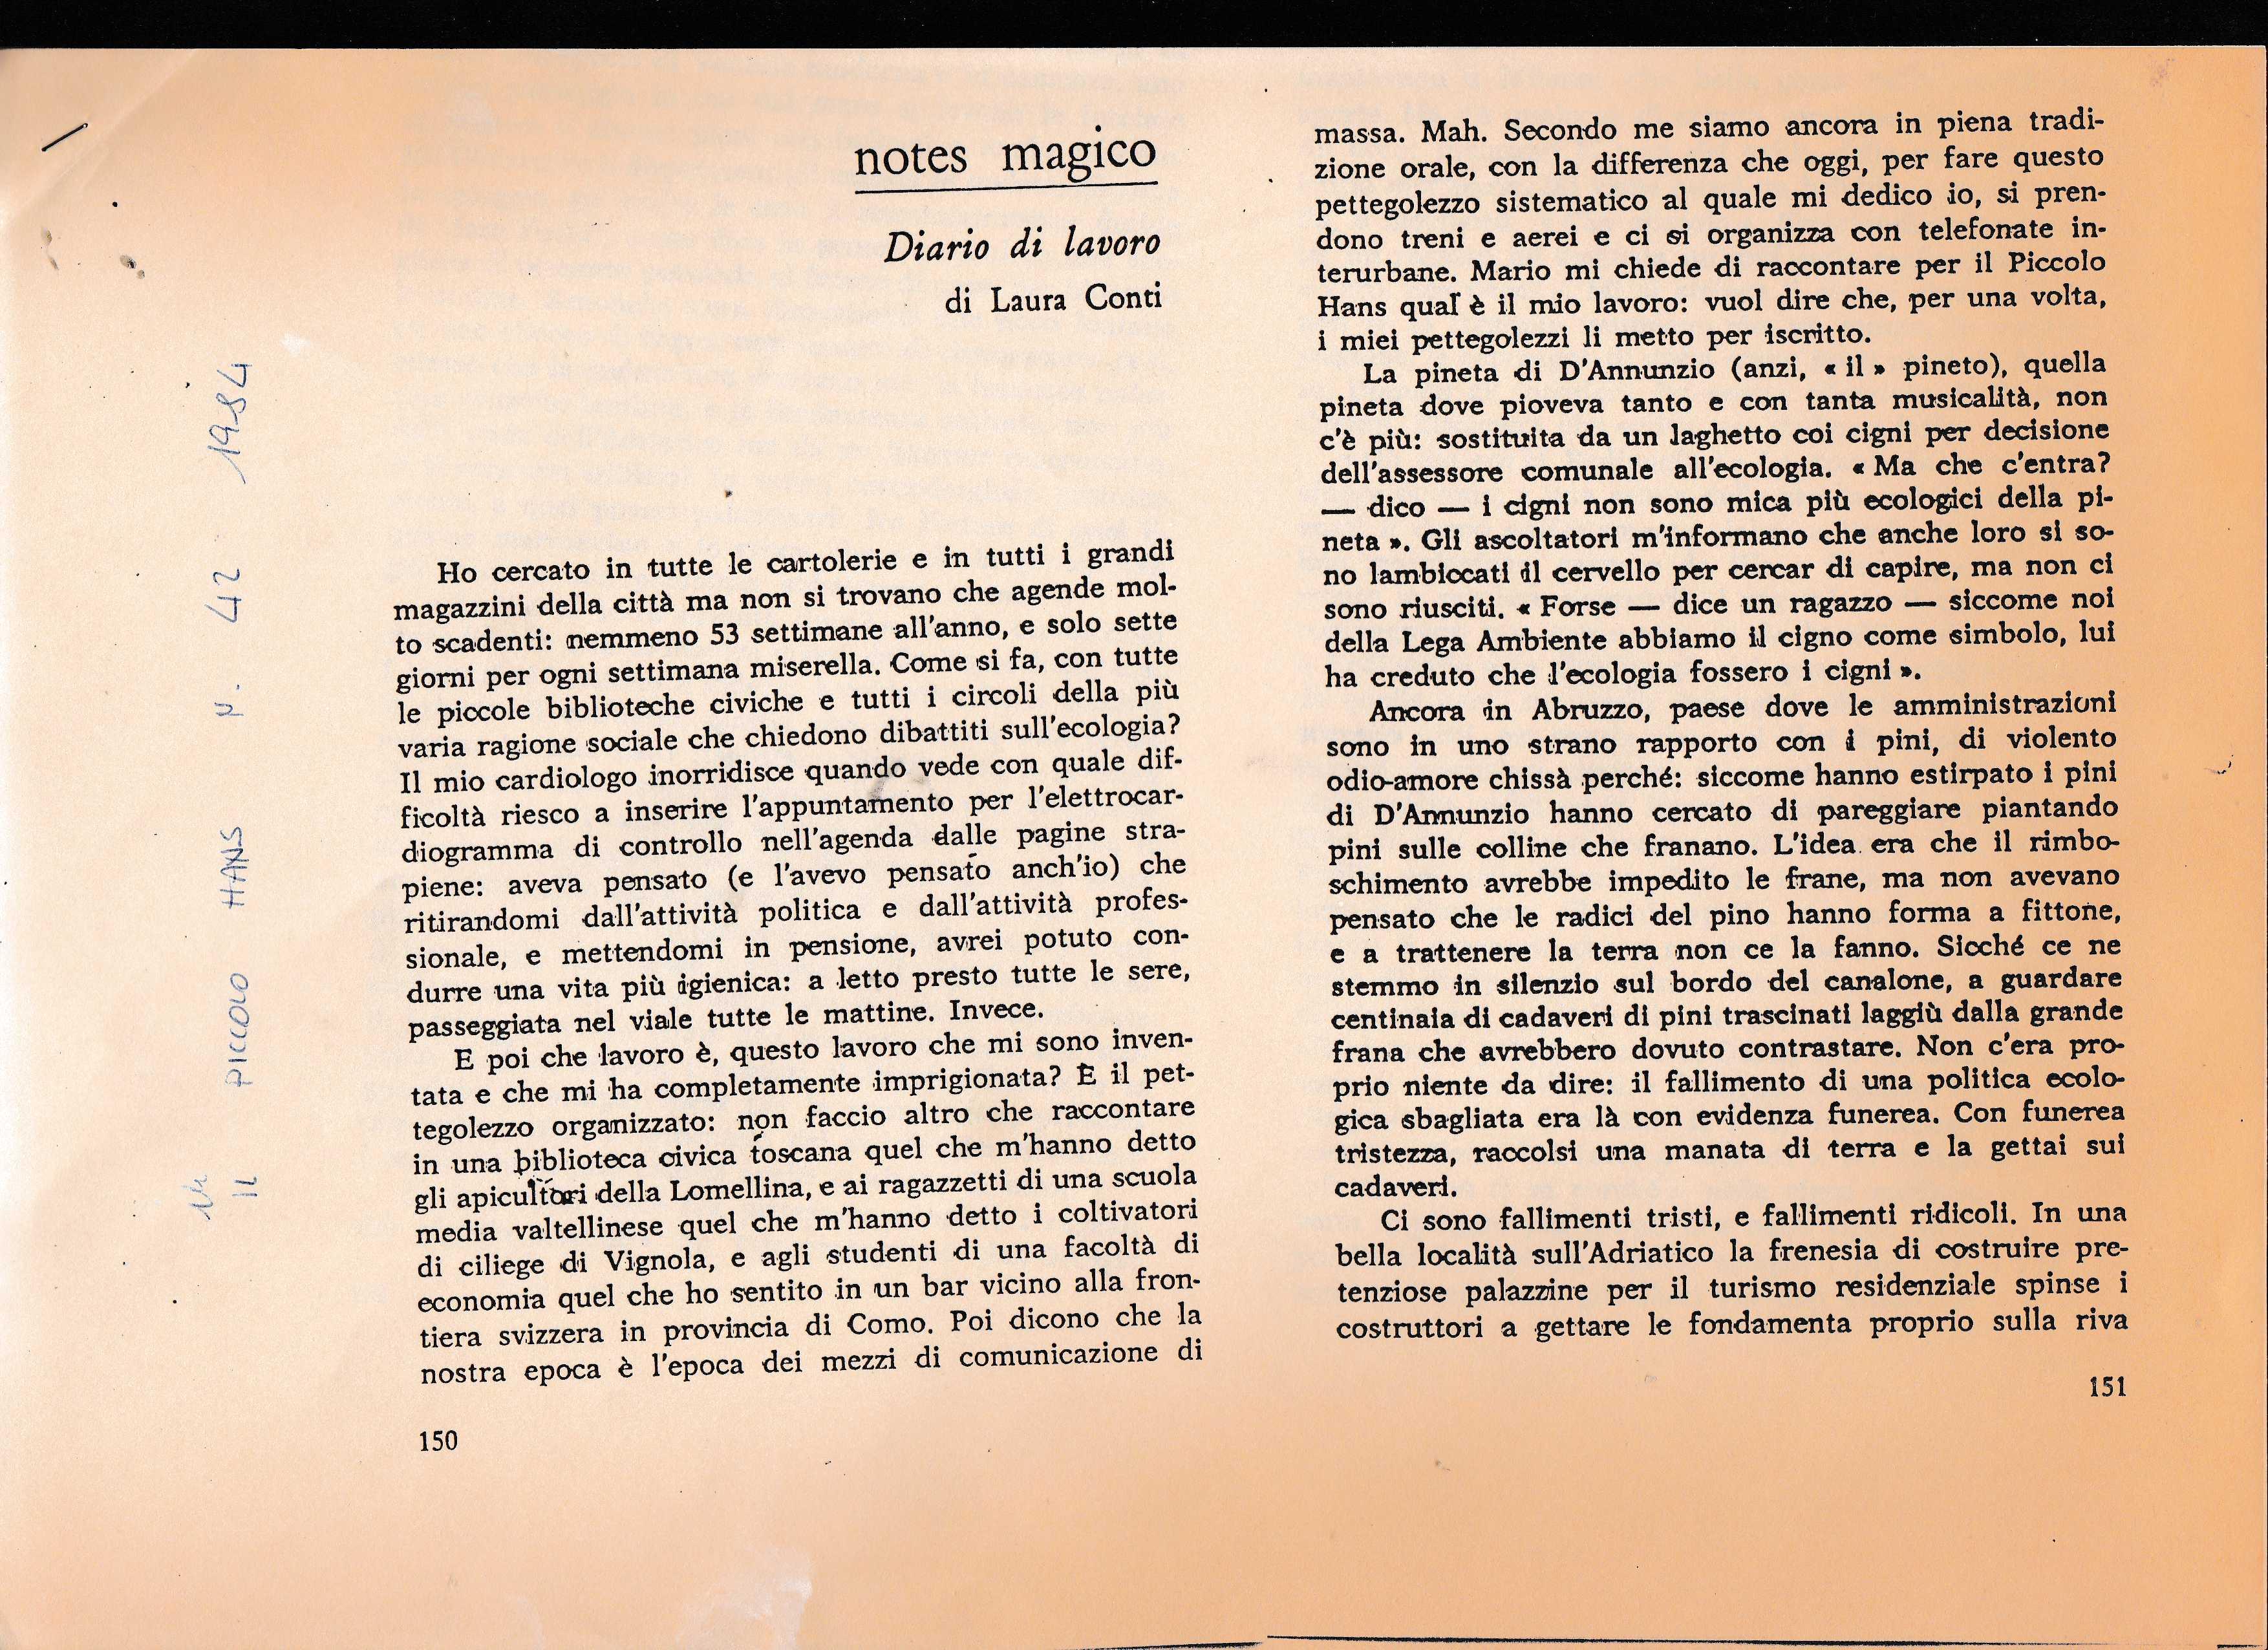 L CONTI NOTE MAGICO3585